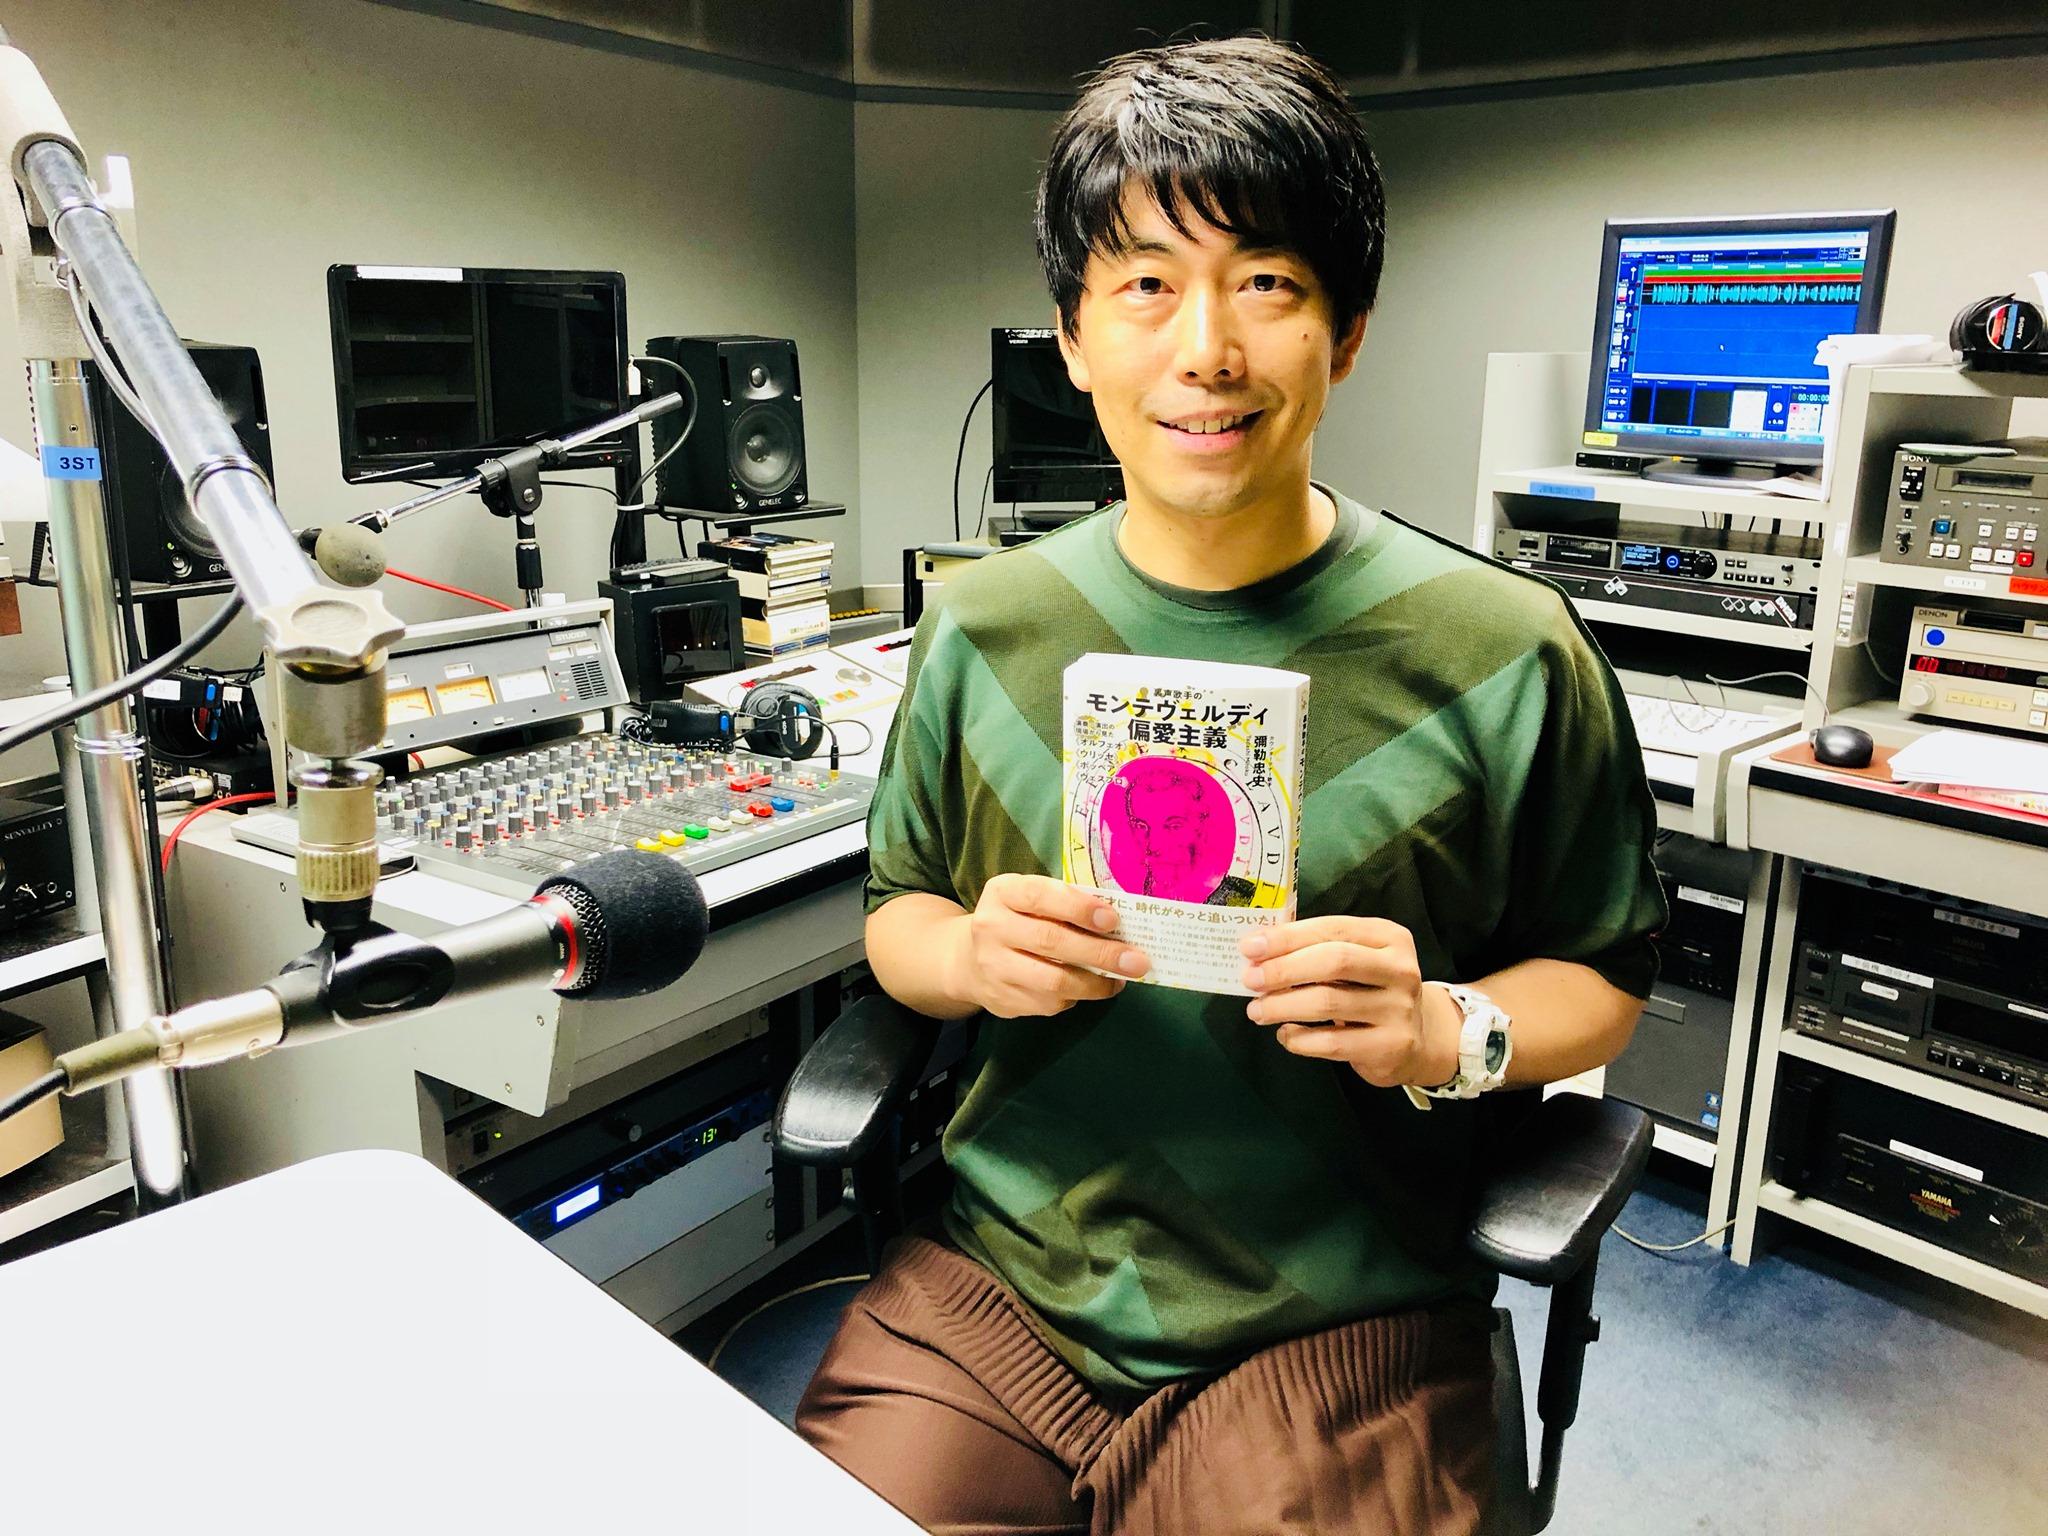 ラジオ番組再放送<br>MUSIC BIRD